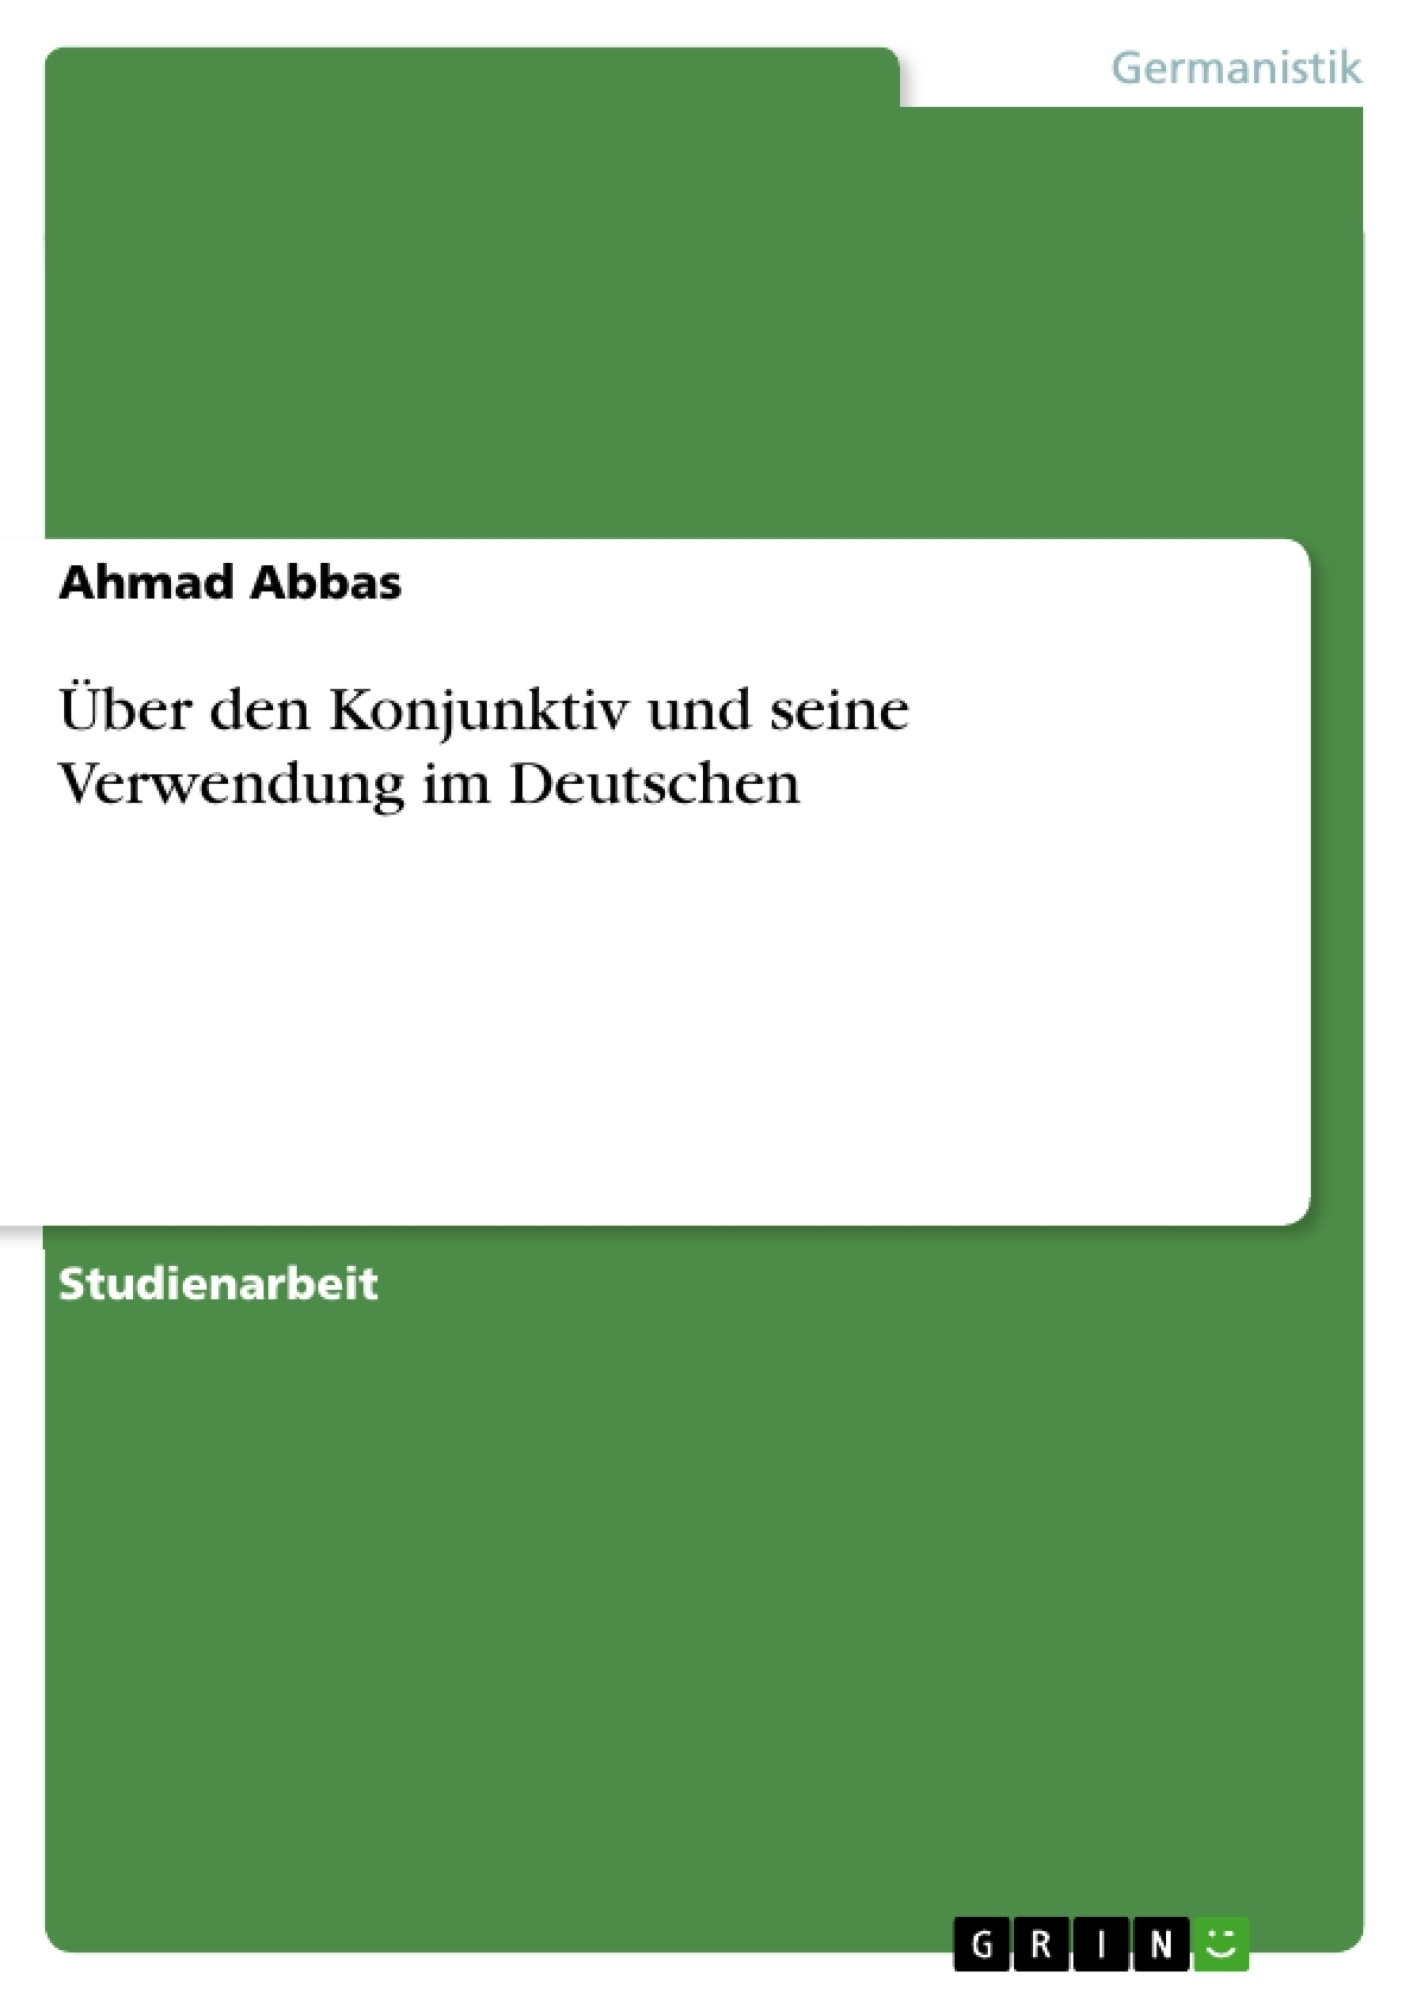 Titel: Über den Konjunktiv und seine Verwendung im Deutschen